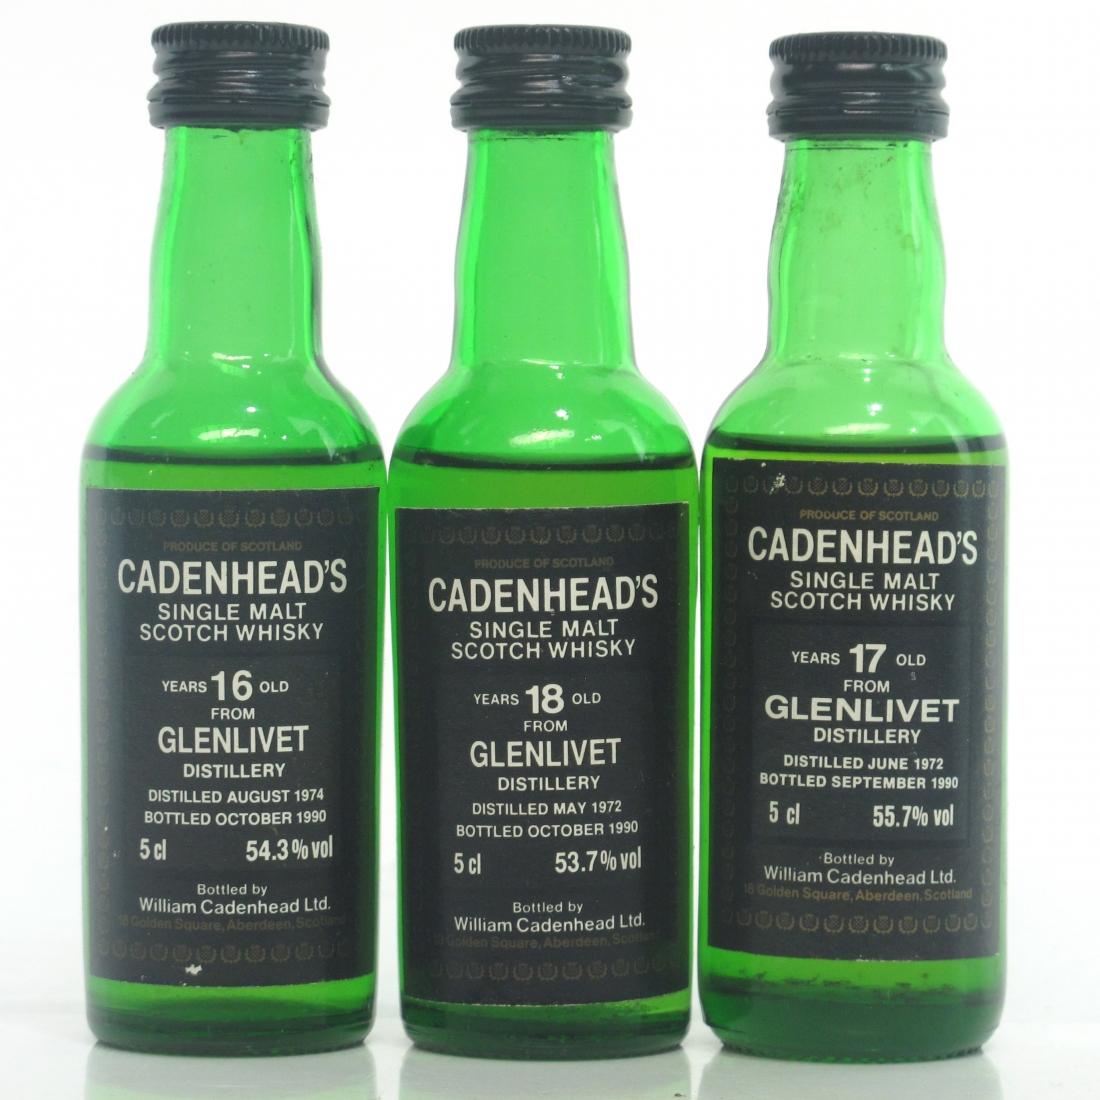 Glenlivet Cadenhead's Miniatures 3 x 5cl